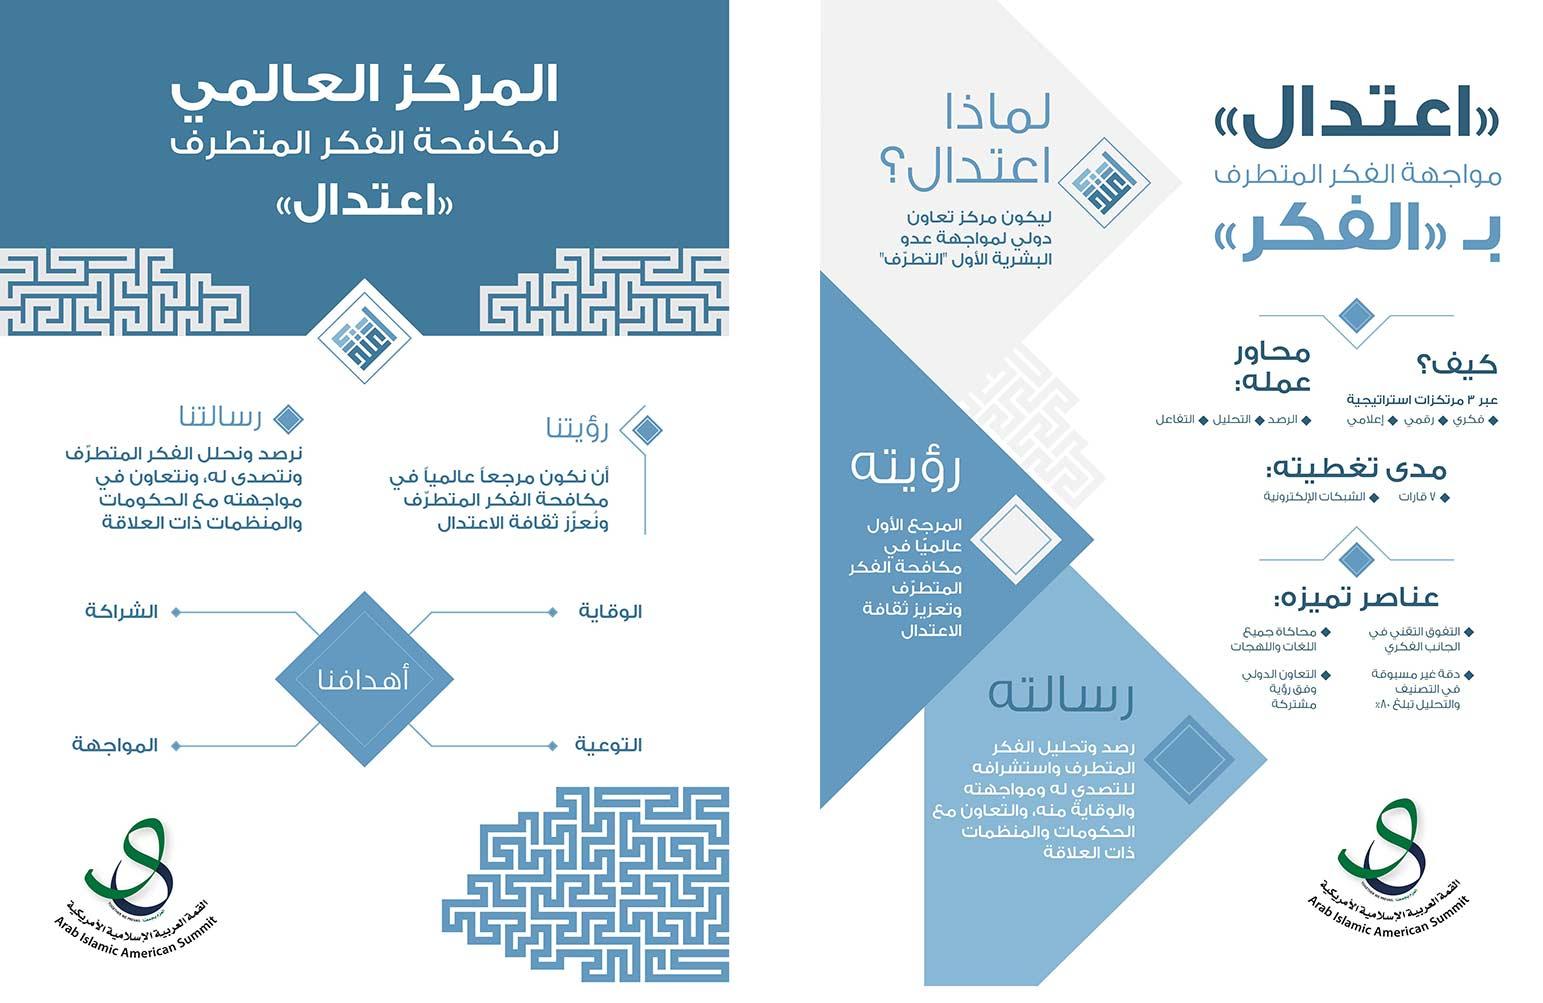 محمد بن زايد يشارك في افتتاح المركز العالمي لمكافحة الفكر المتطرف